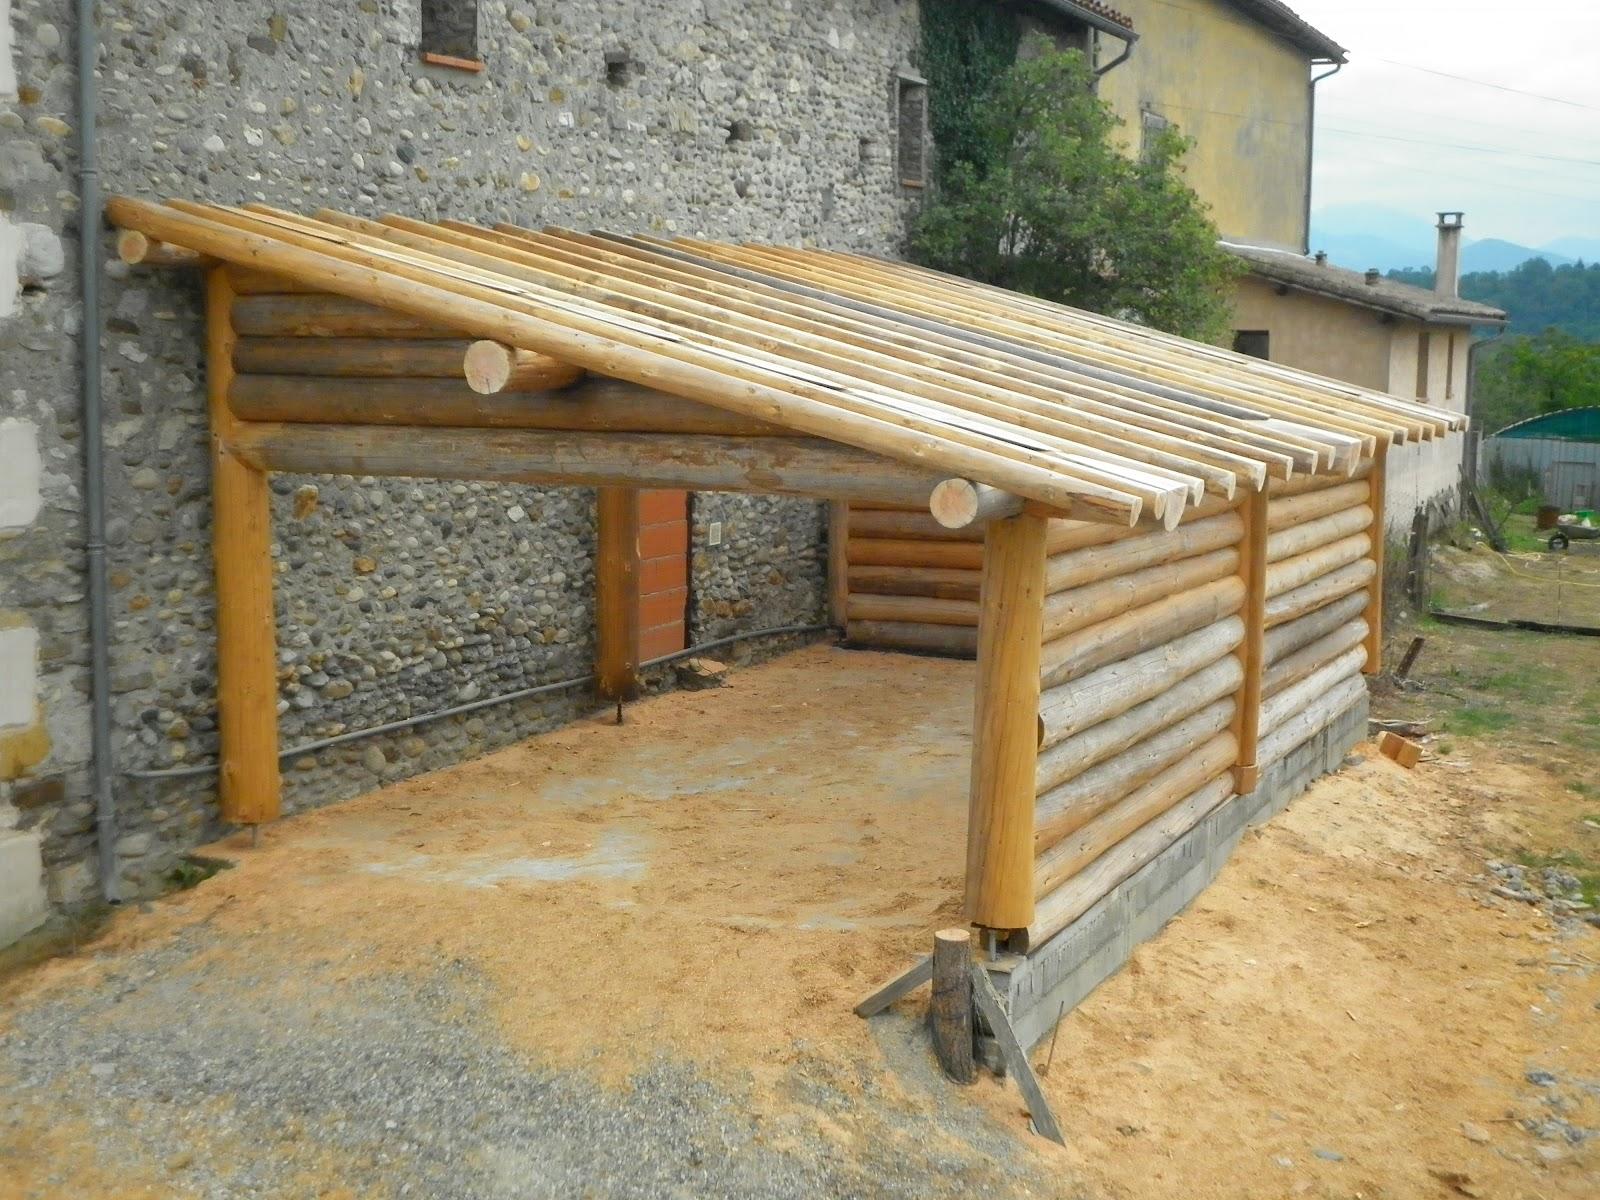 Rondins pyr n es constructions en fuste elagage abattage - Rondin de bois pour jardin ...